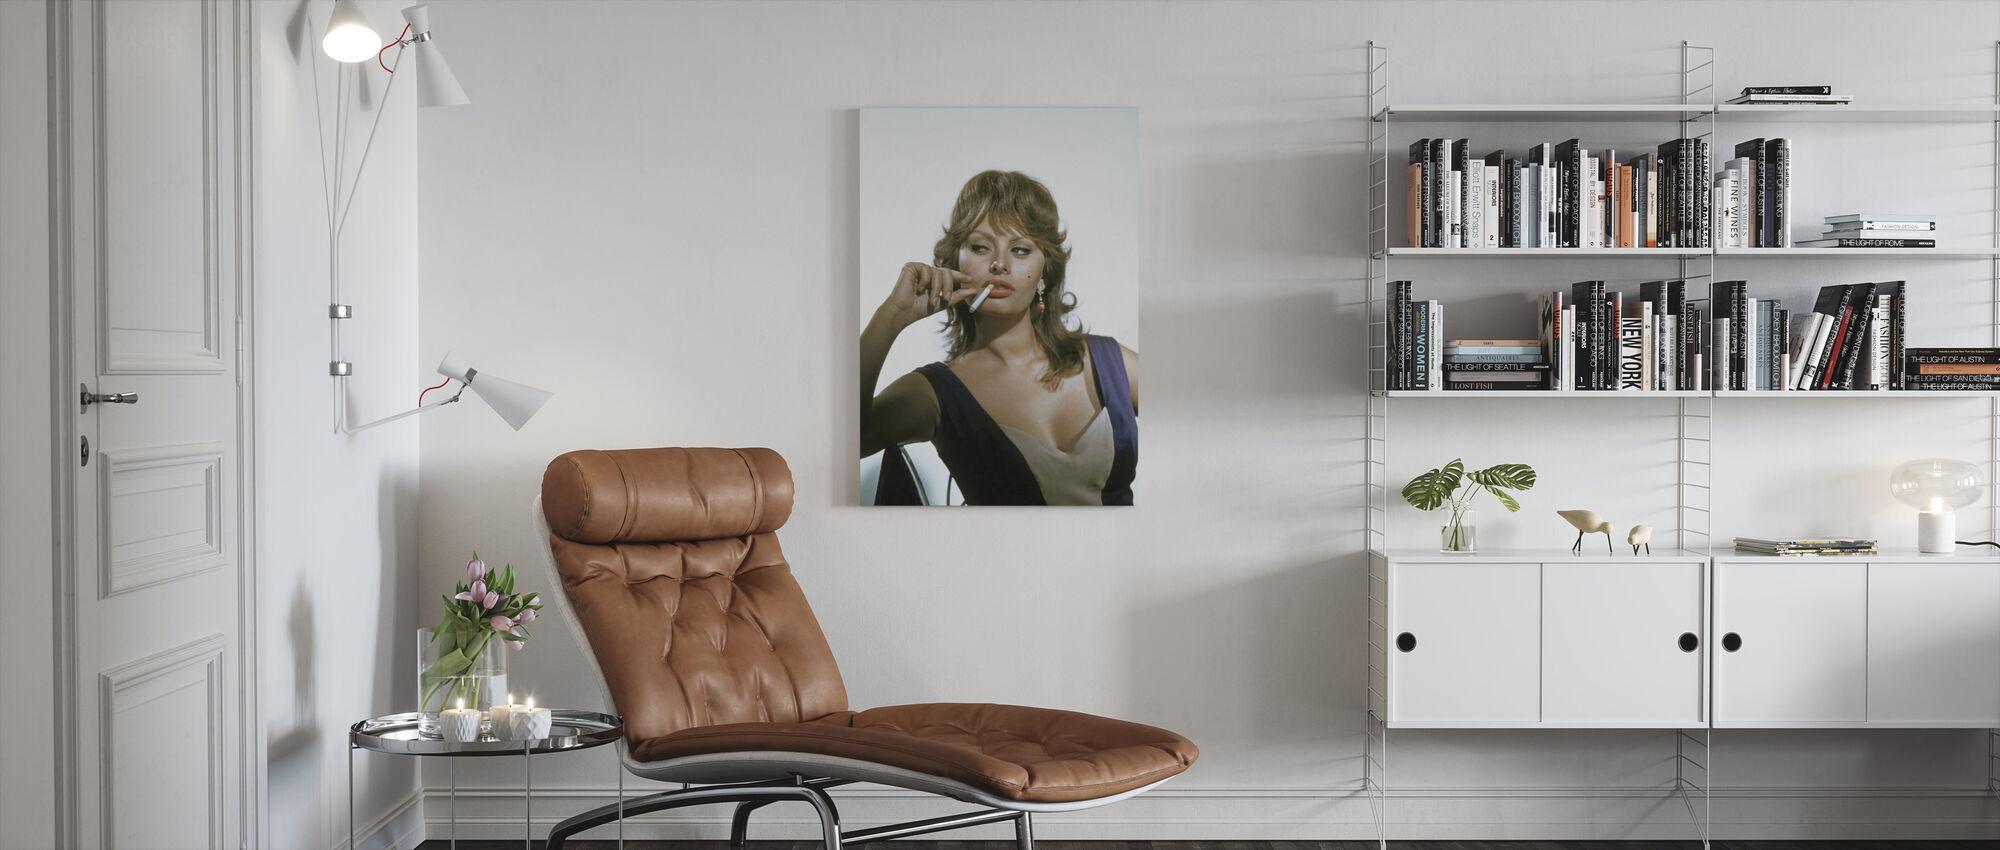 Sophia Loren - Leinwandbild - Wohnzimmer